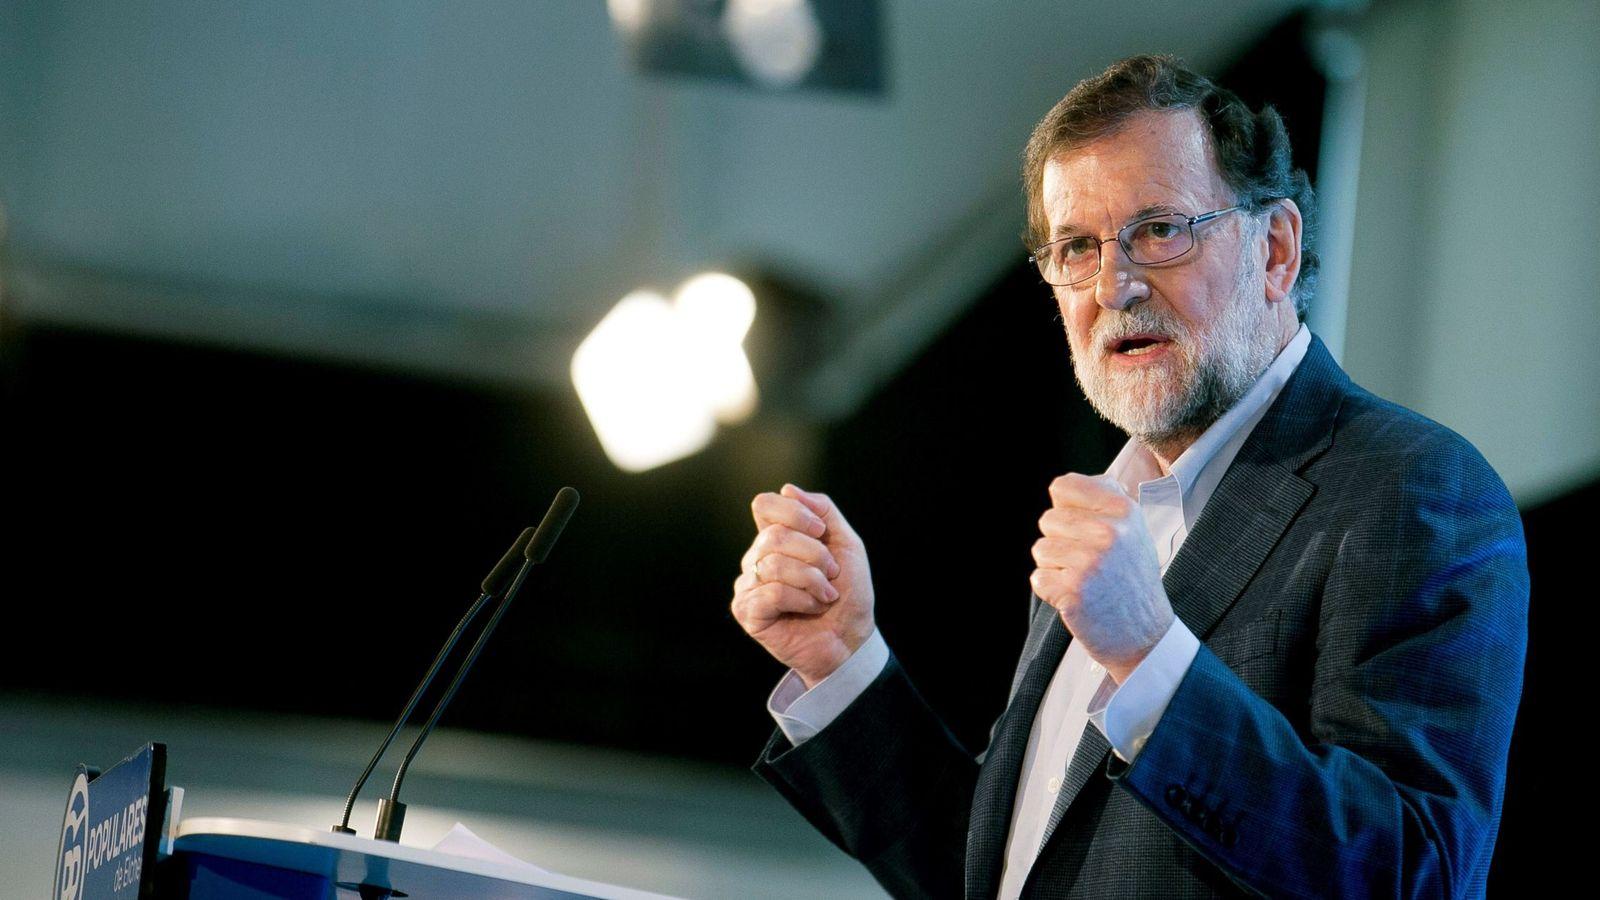 Foto: Fotografía facilitada por el PP del presidente del Gobierno y del PP, Mariano Rajoy, el pasado 17 de febrero. (EFE)